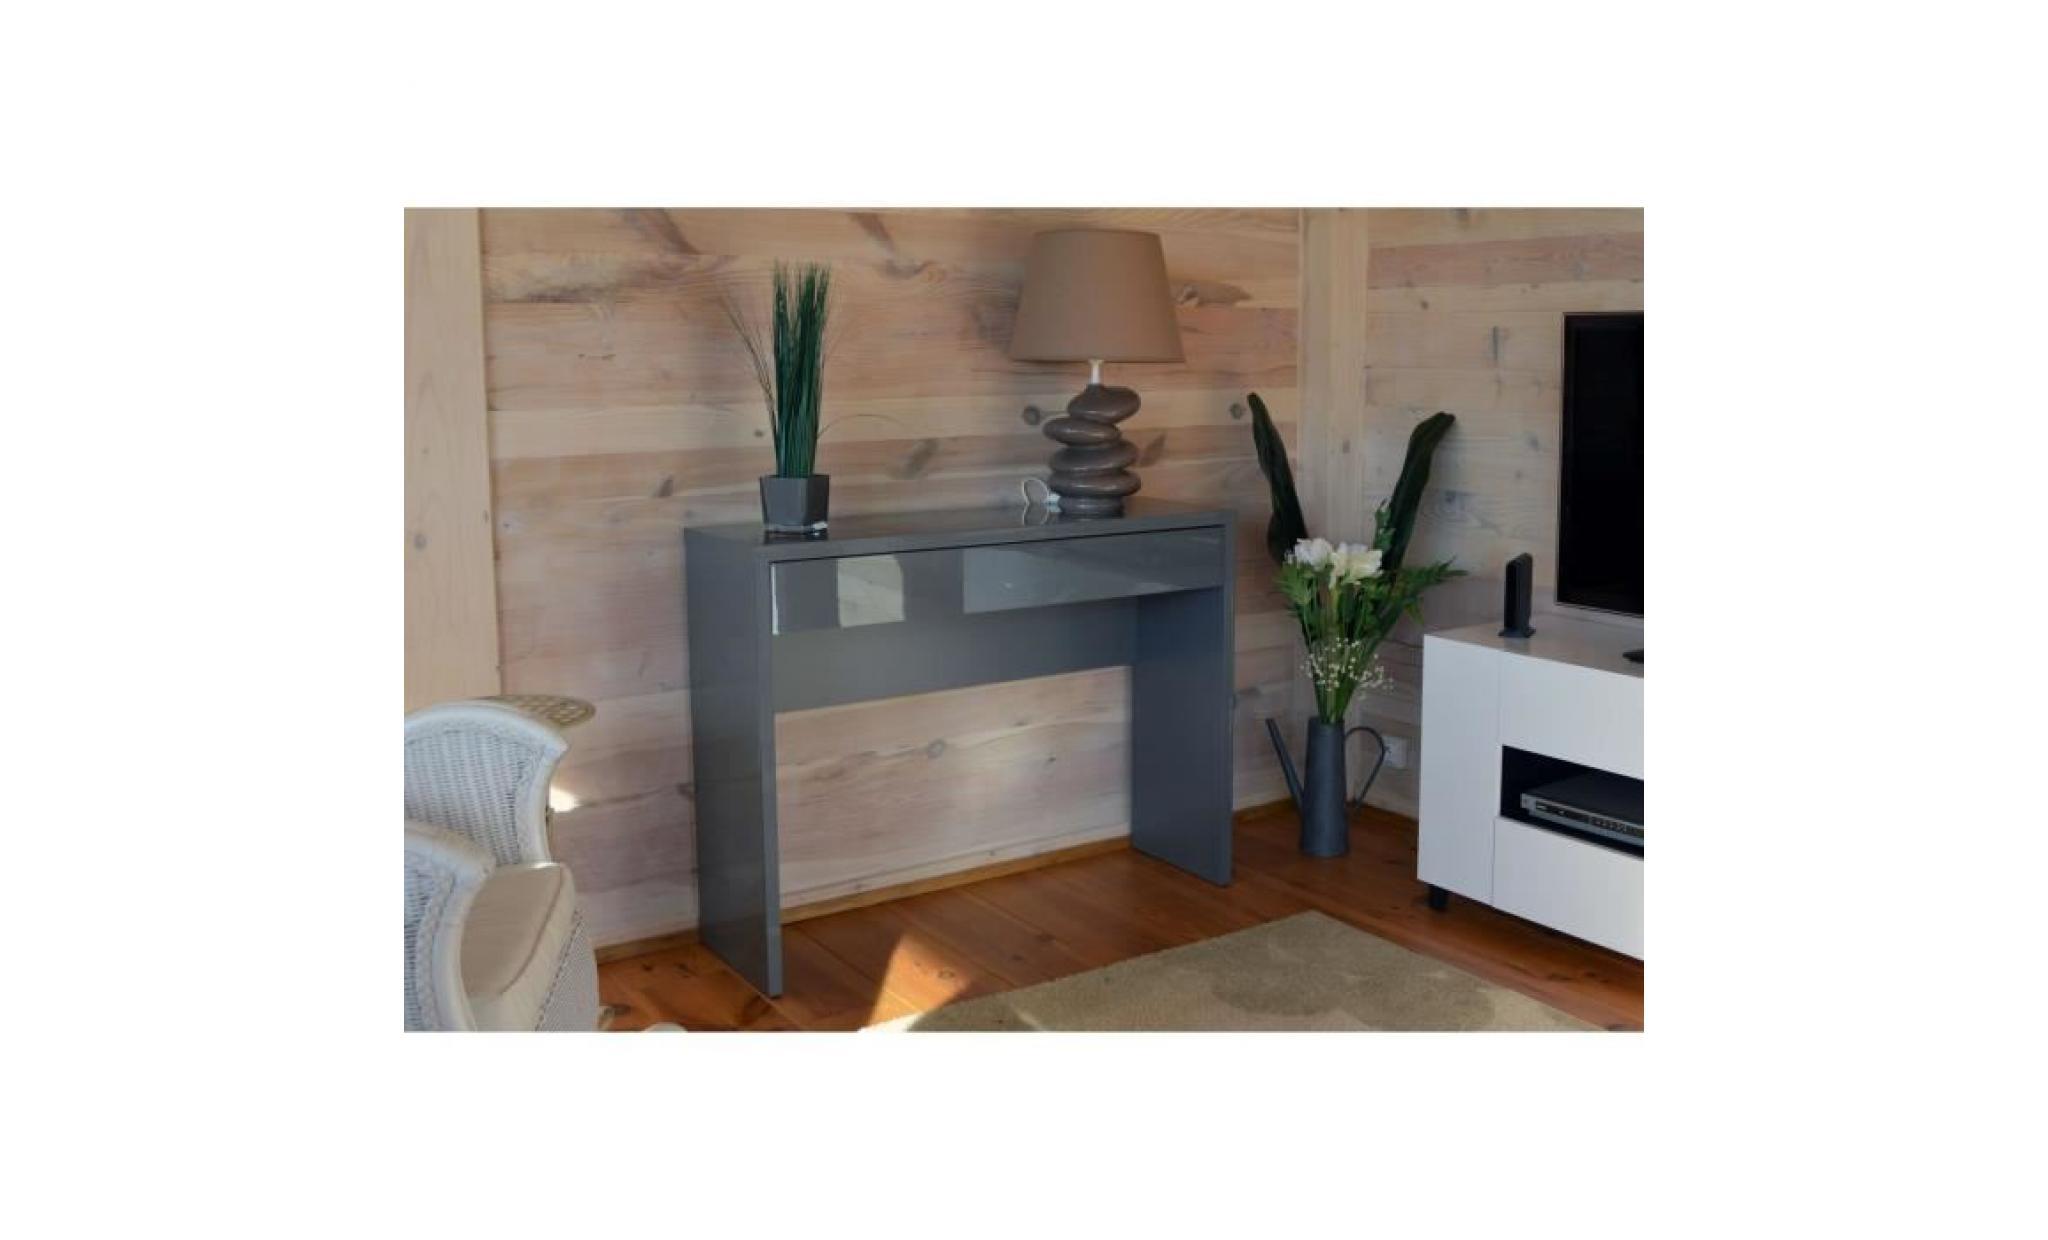 meuble d'entrée, console arena coloris gris. meuble design pour votre entrée